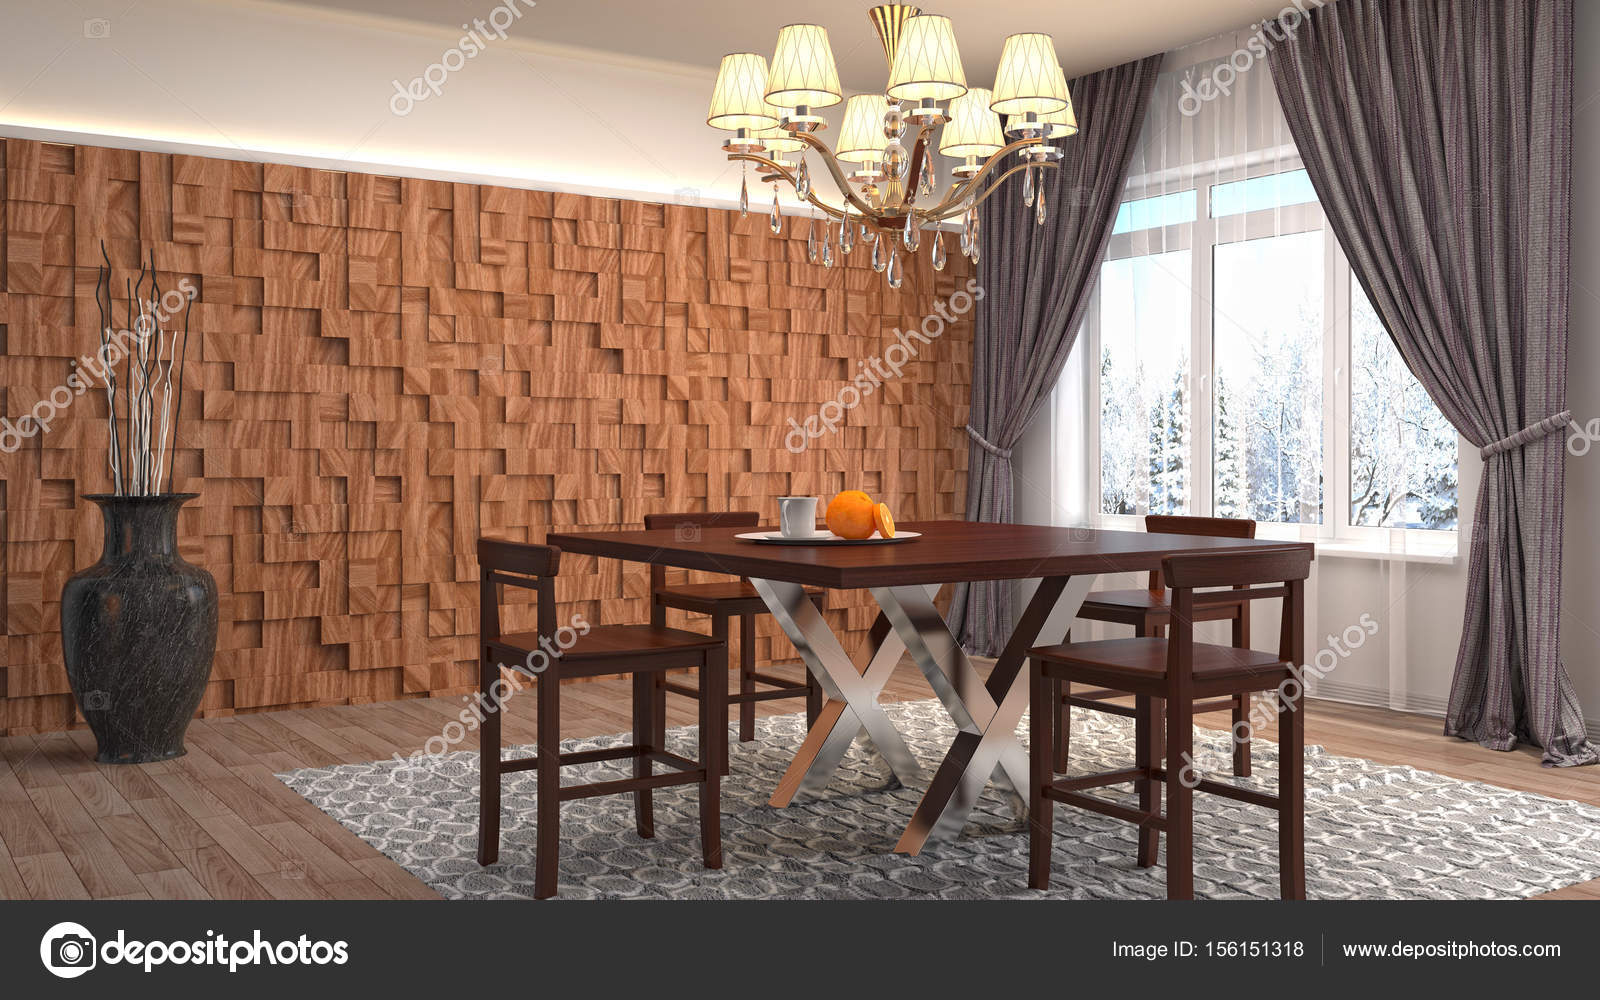 Interieur eethoek 3d illustratie stockfoto for Interieur 3d